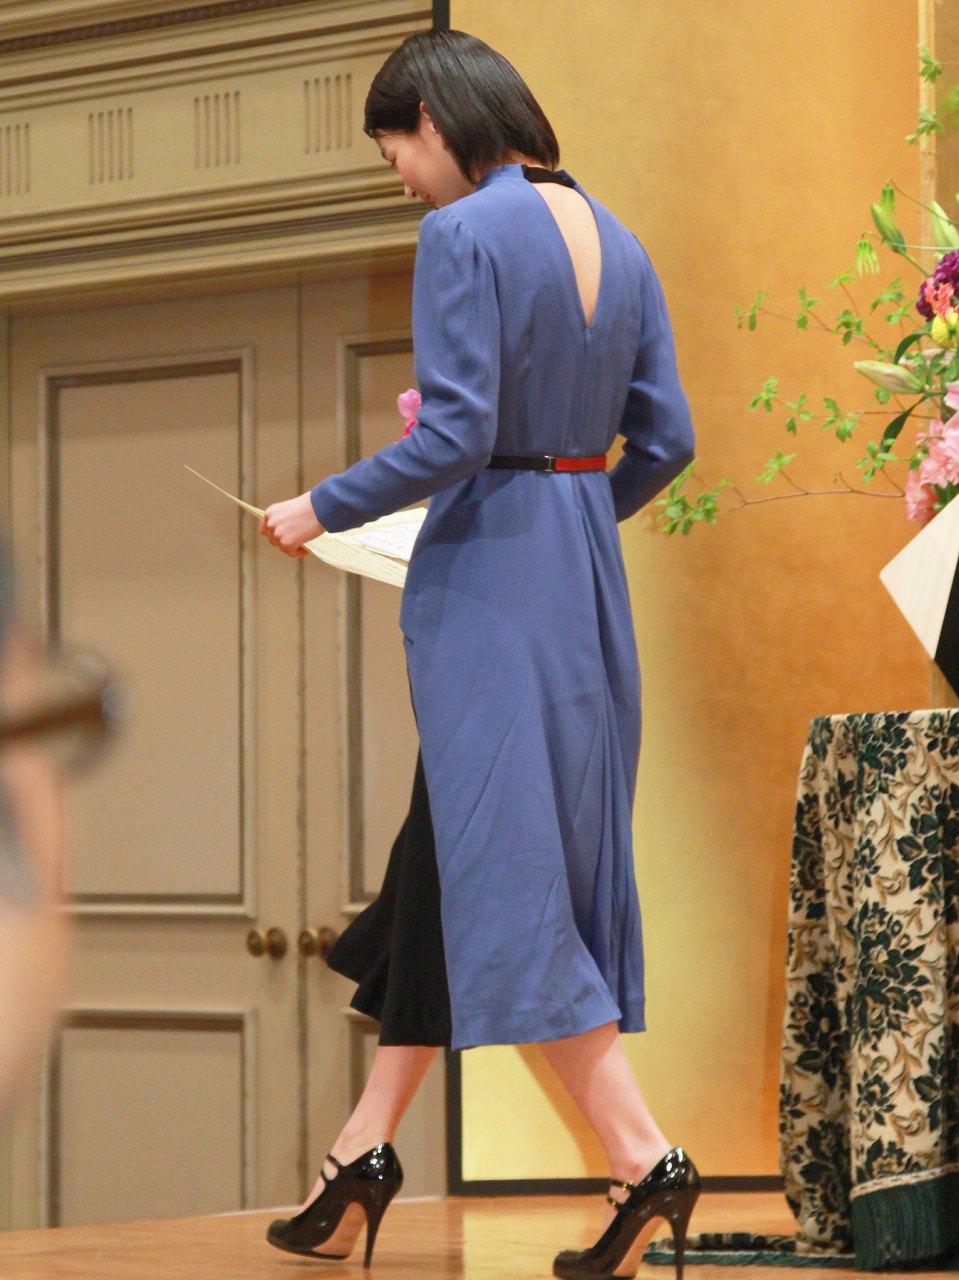 第22回橋田賞授賞式に来場した能年玲奈、大きく開いた背中のスリットがセクシー